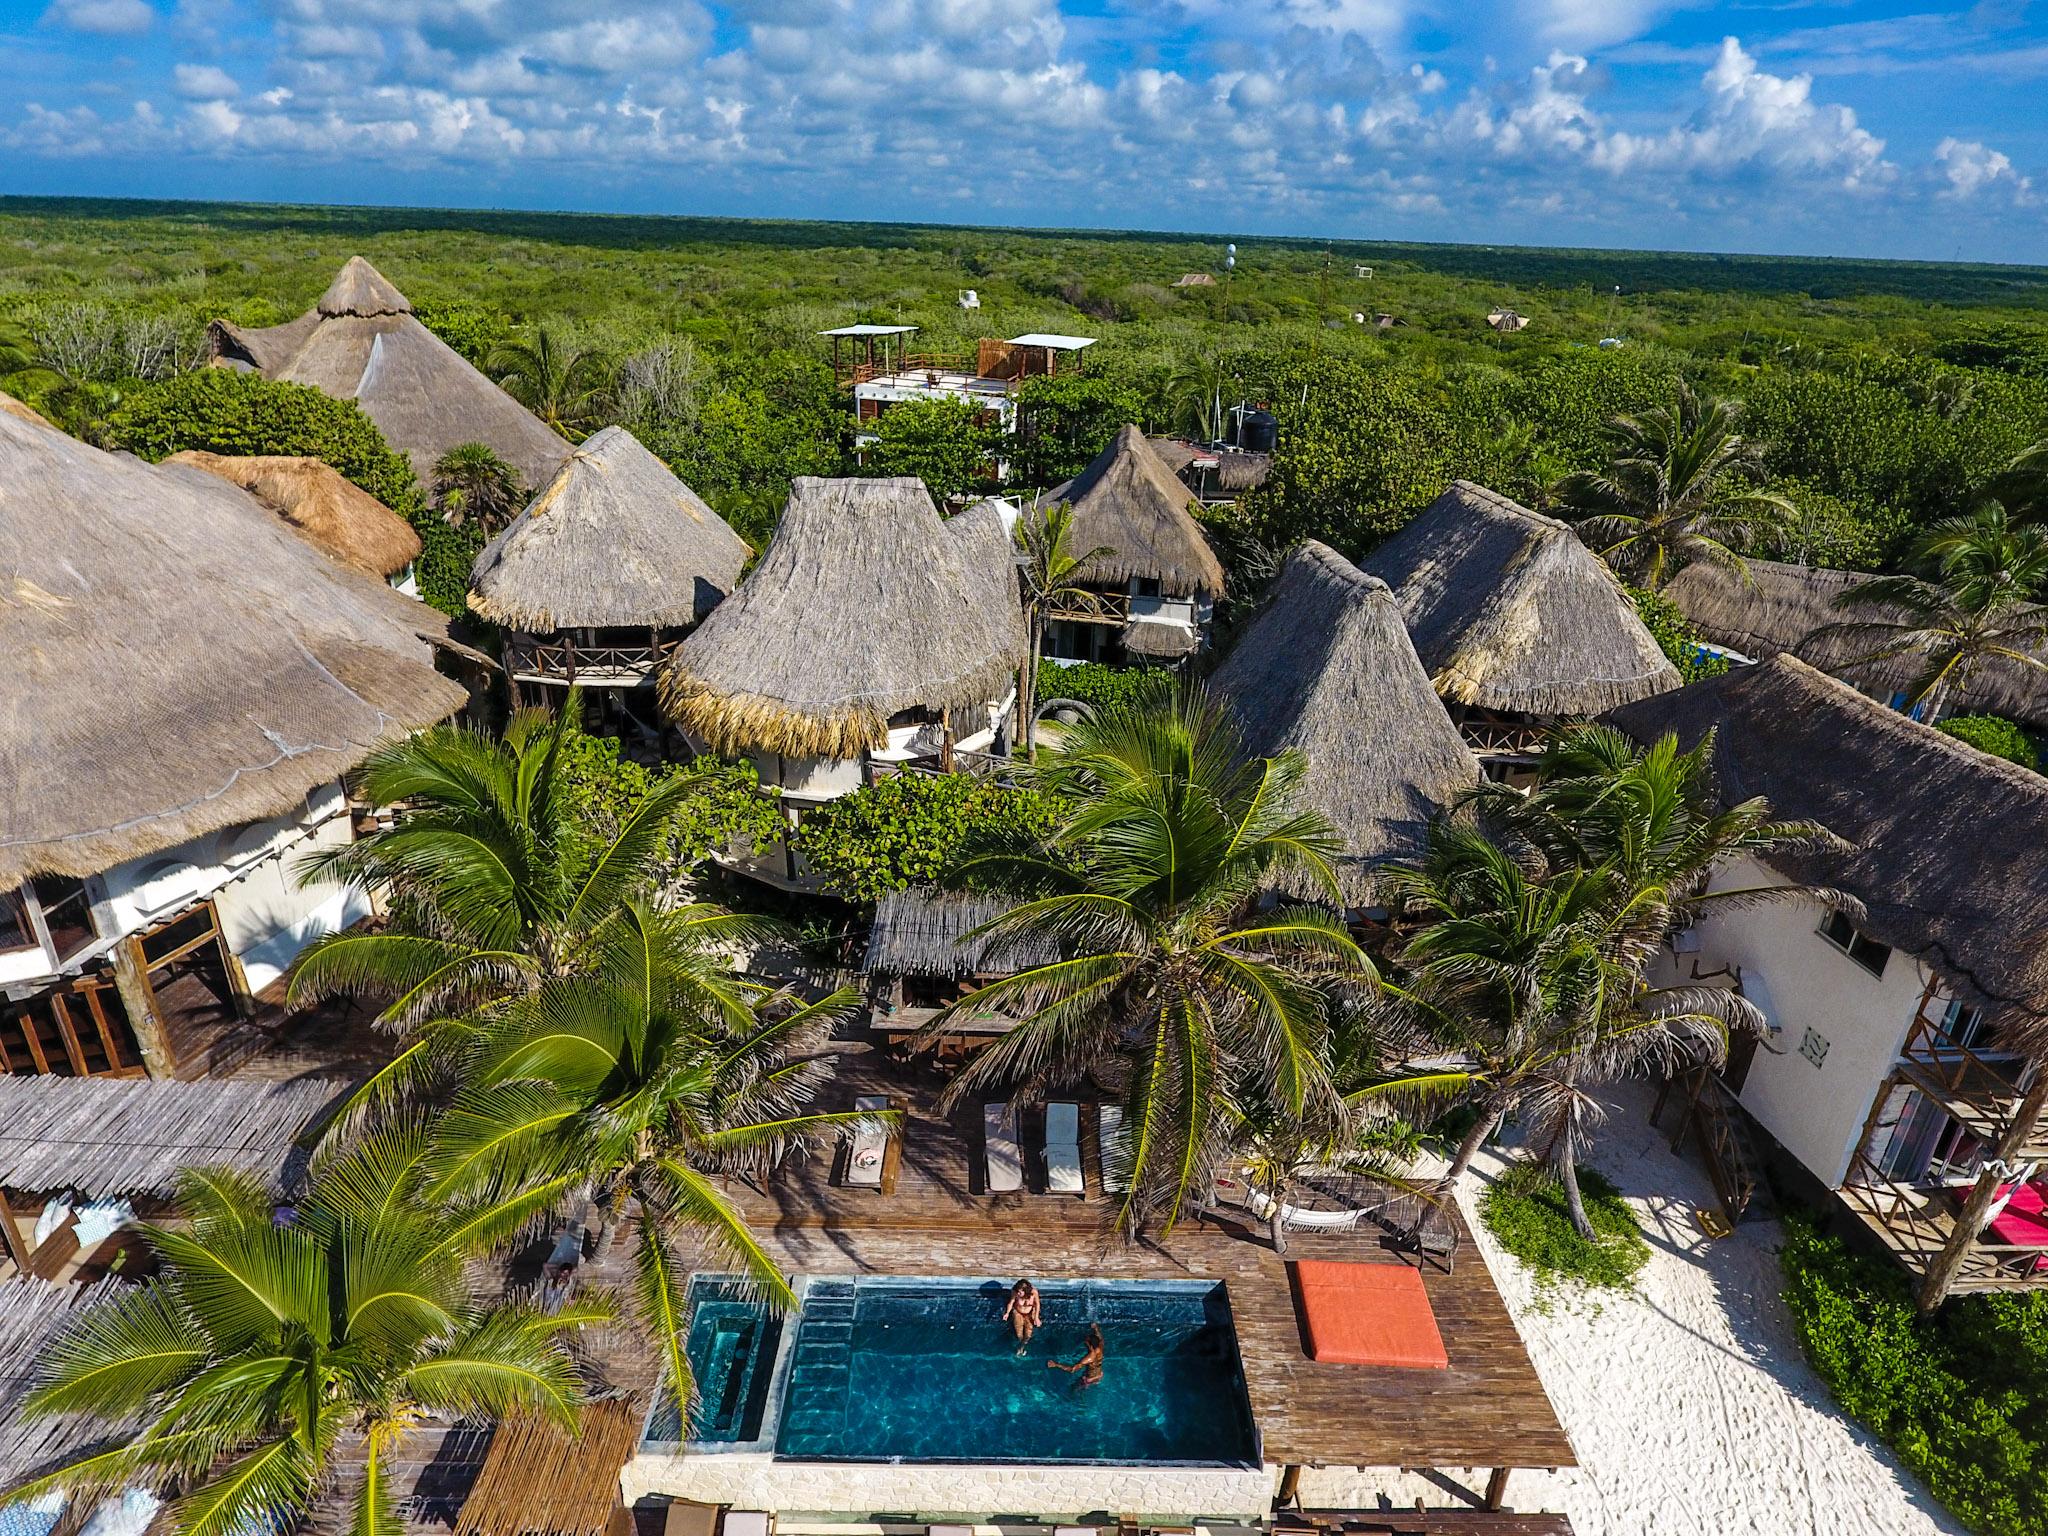 pool Deck aerial shot.jpg